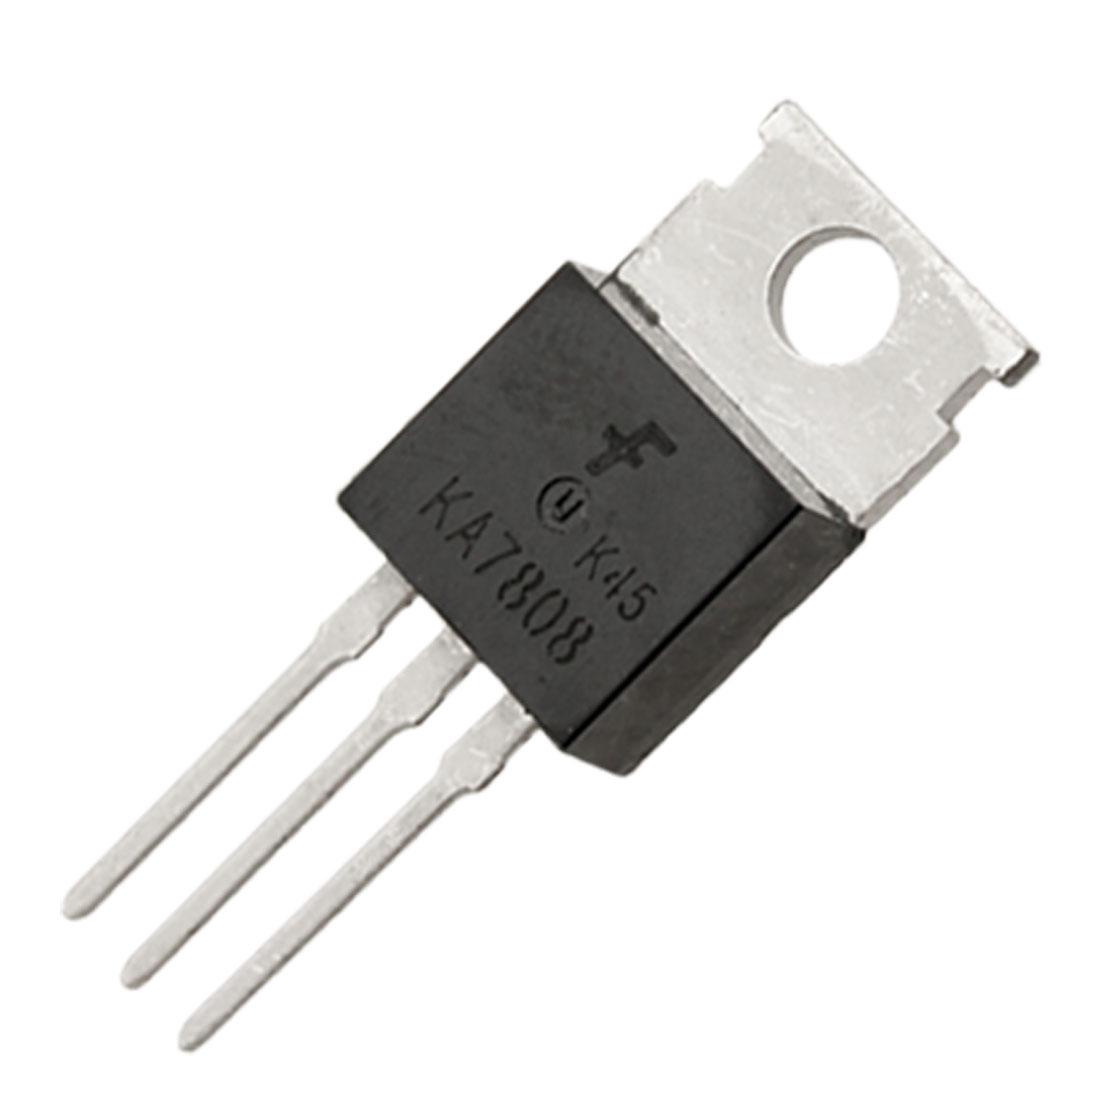 2 Pcs 3 Terminals 1A 8V KA7808 Positive Voltage Regulator